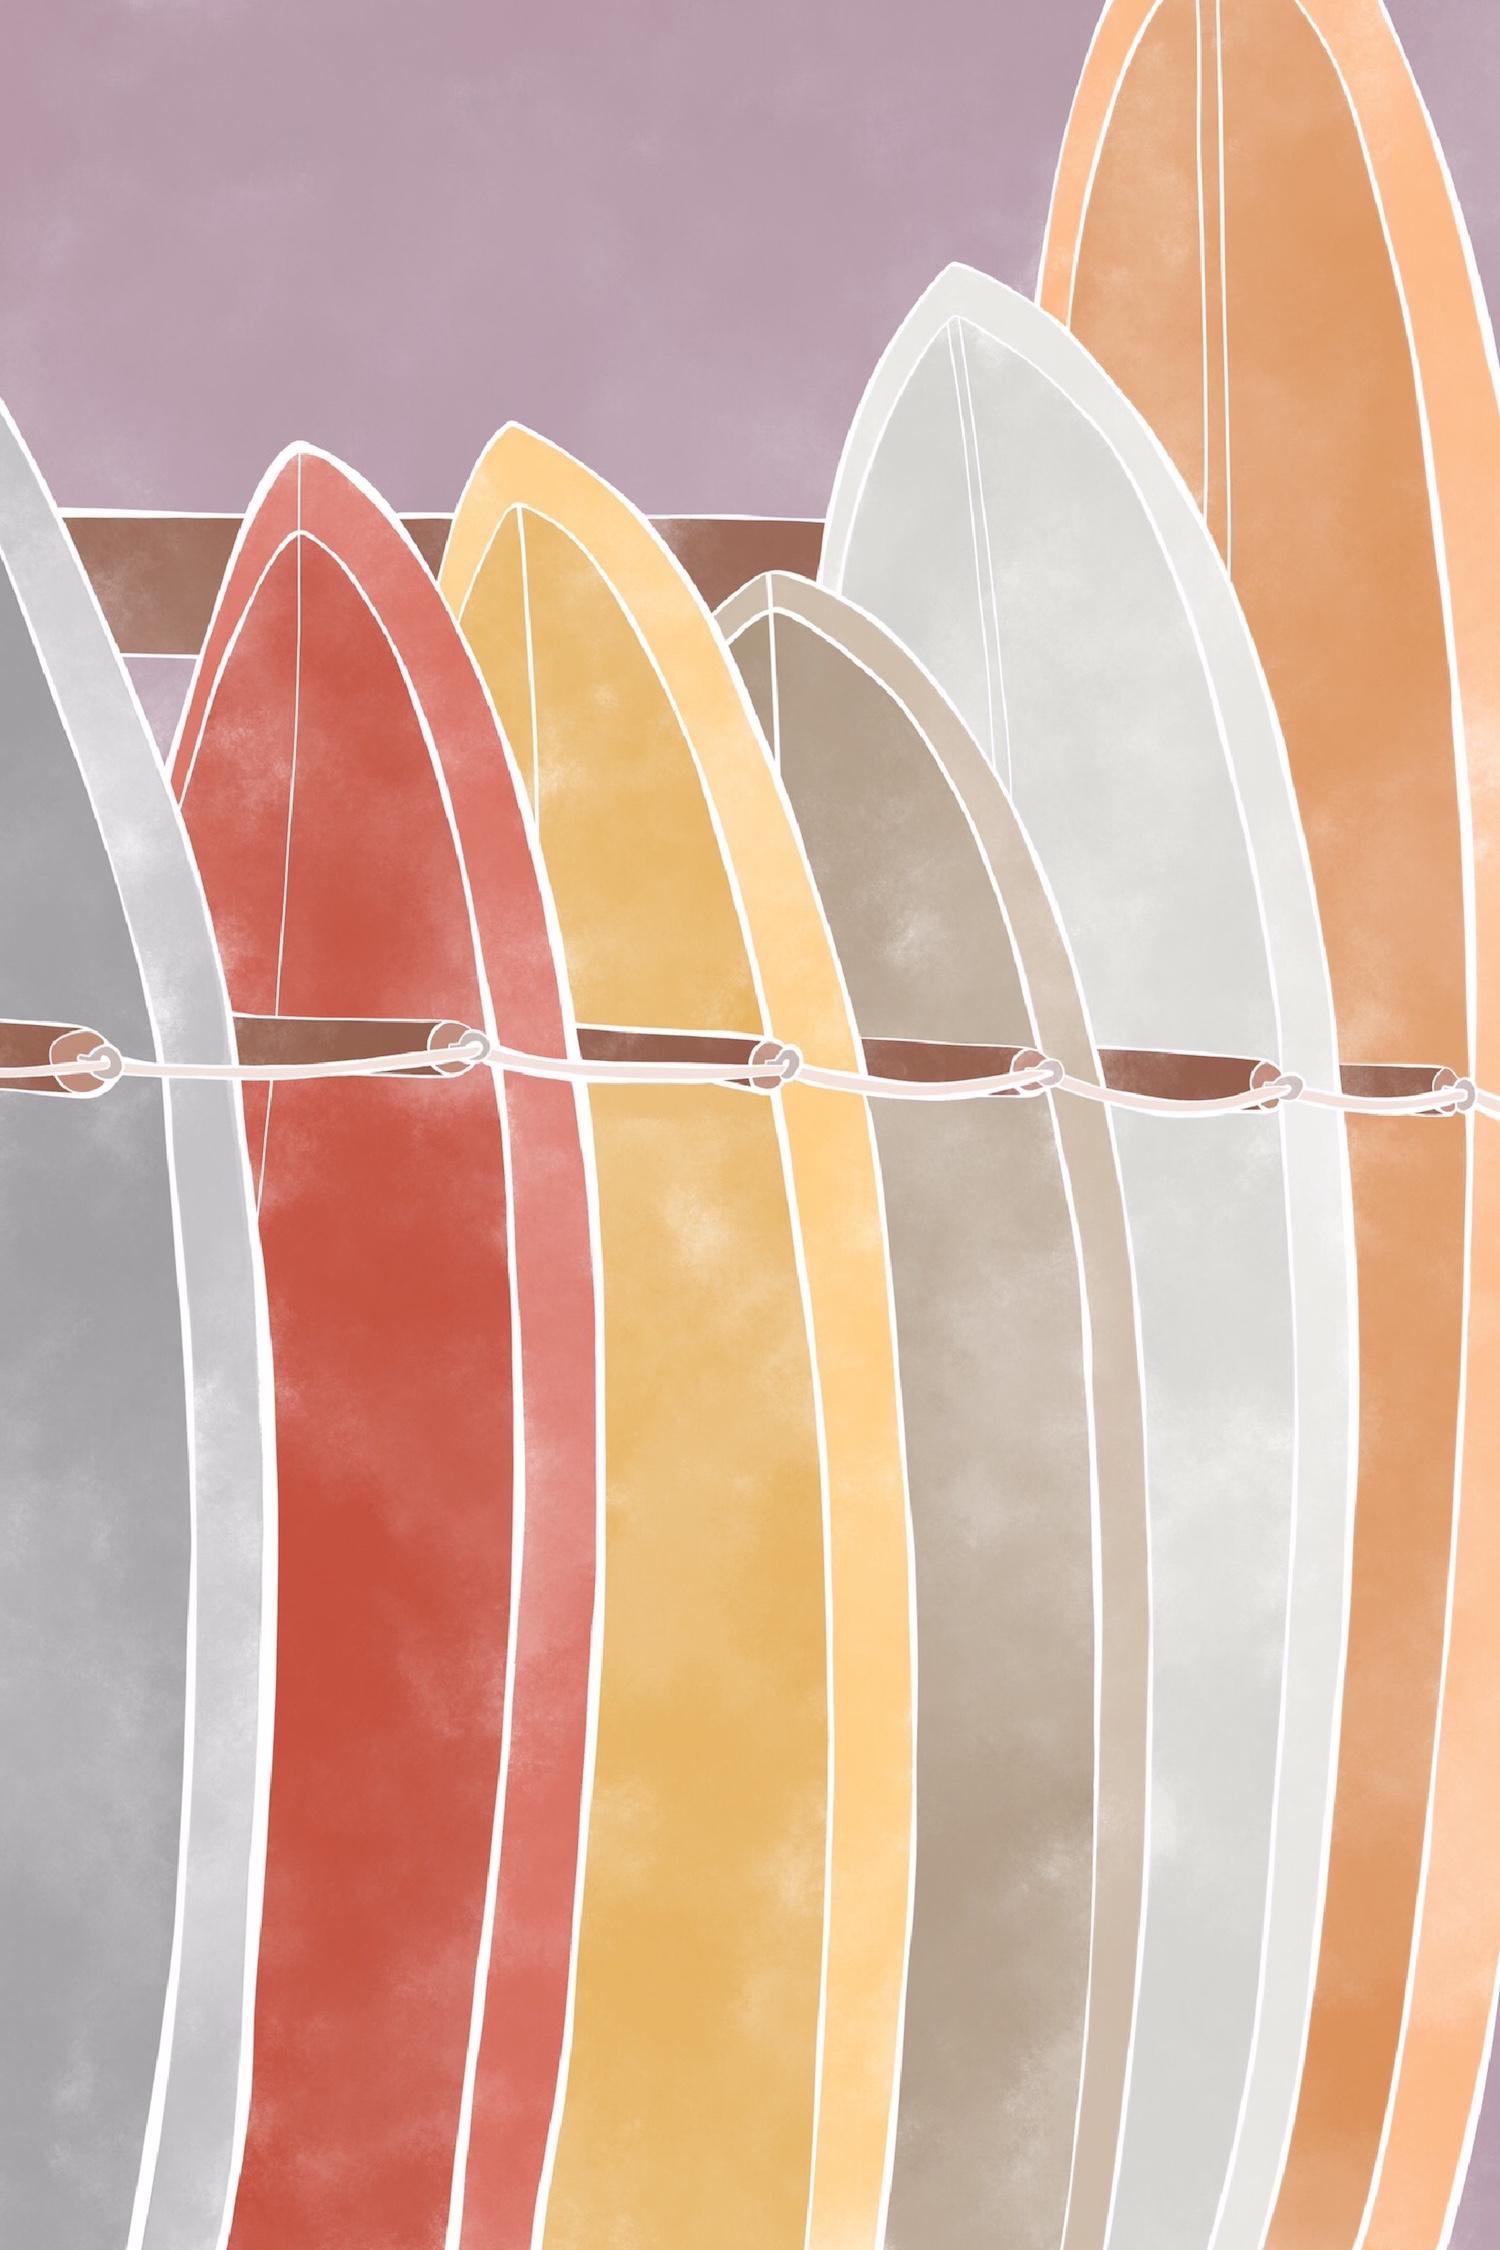 Ilustration de Jo-Anne Henderson des planches de surf